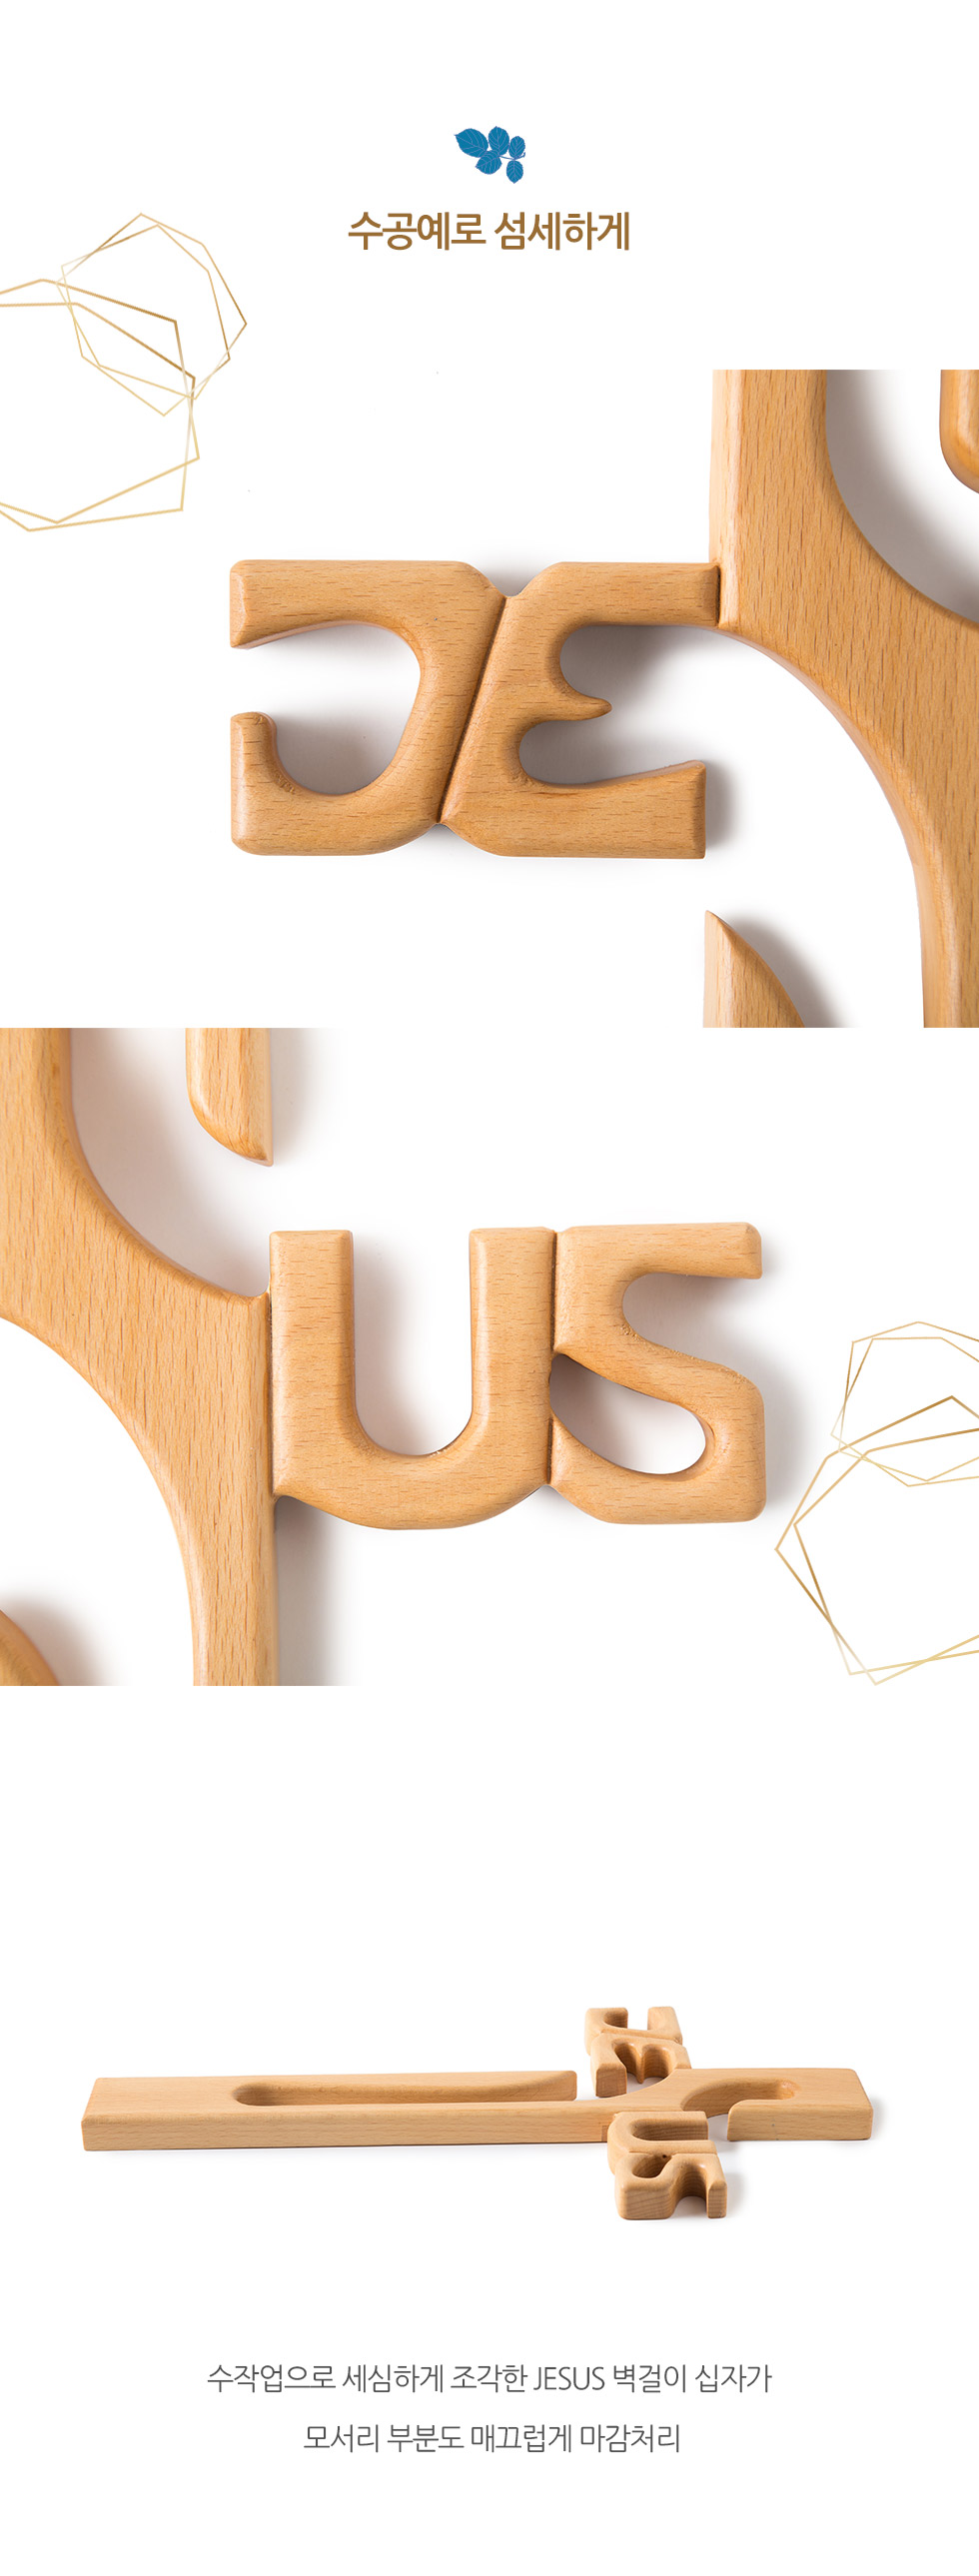 원목 JESUS 벽걸이 십자가 수공예로 섬세하게